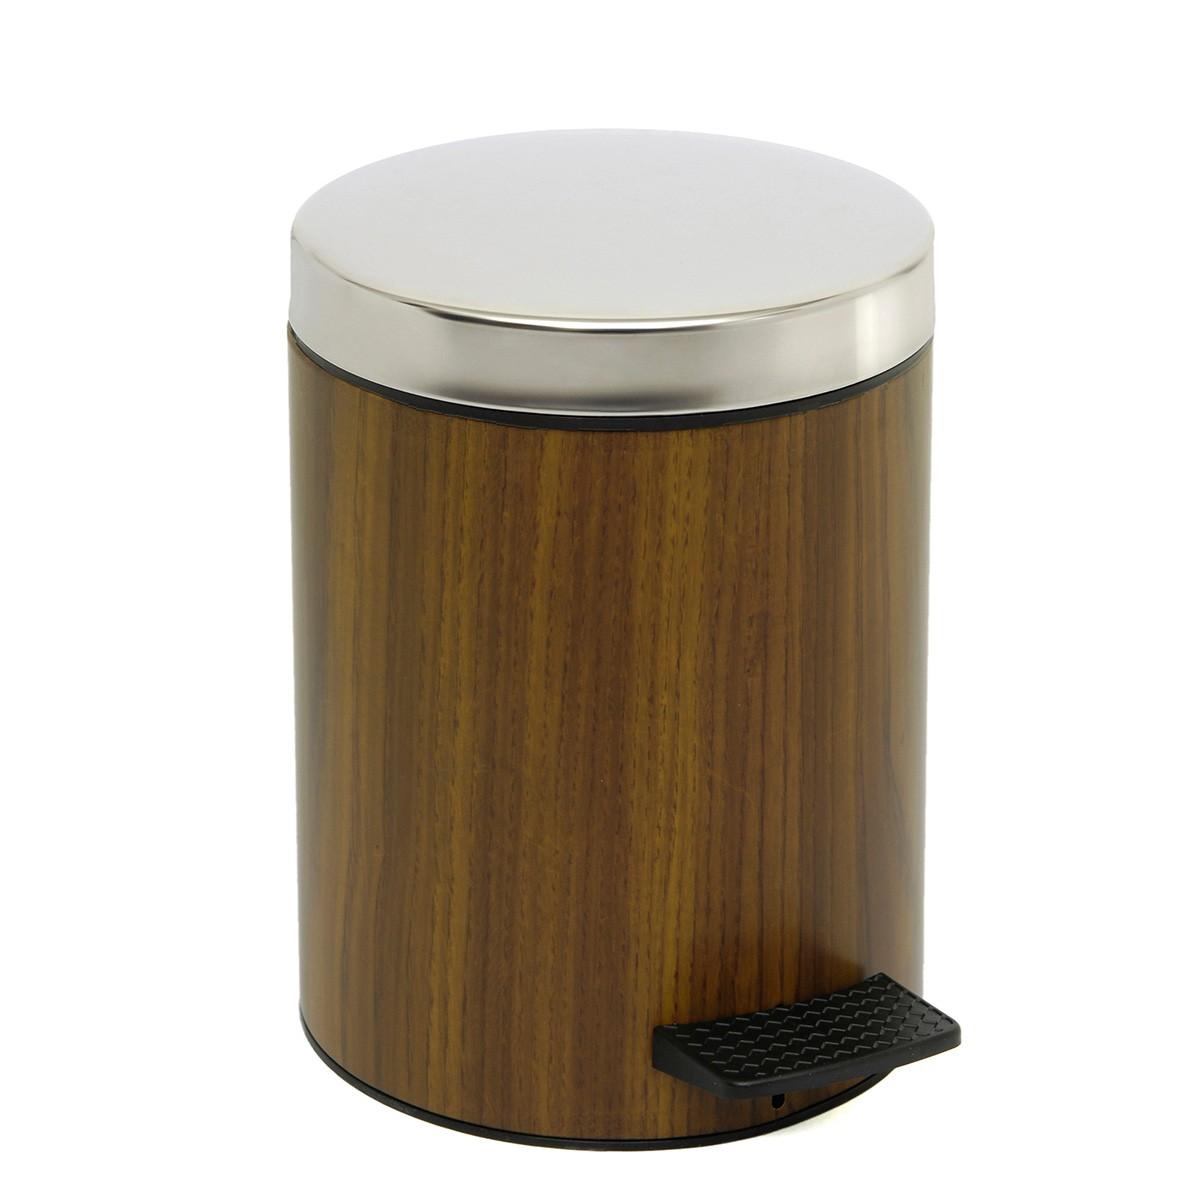 Κάδος Απορριμμάτων (20x28) PamCo 5Lit 227 Wood/Chrome home   μπάνιο   κάδοι απορριμμάτων